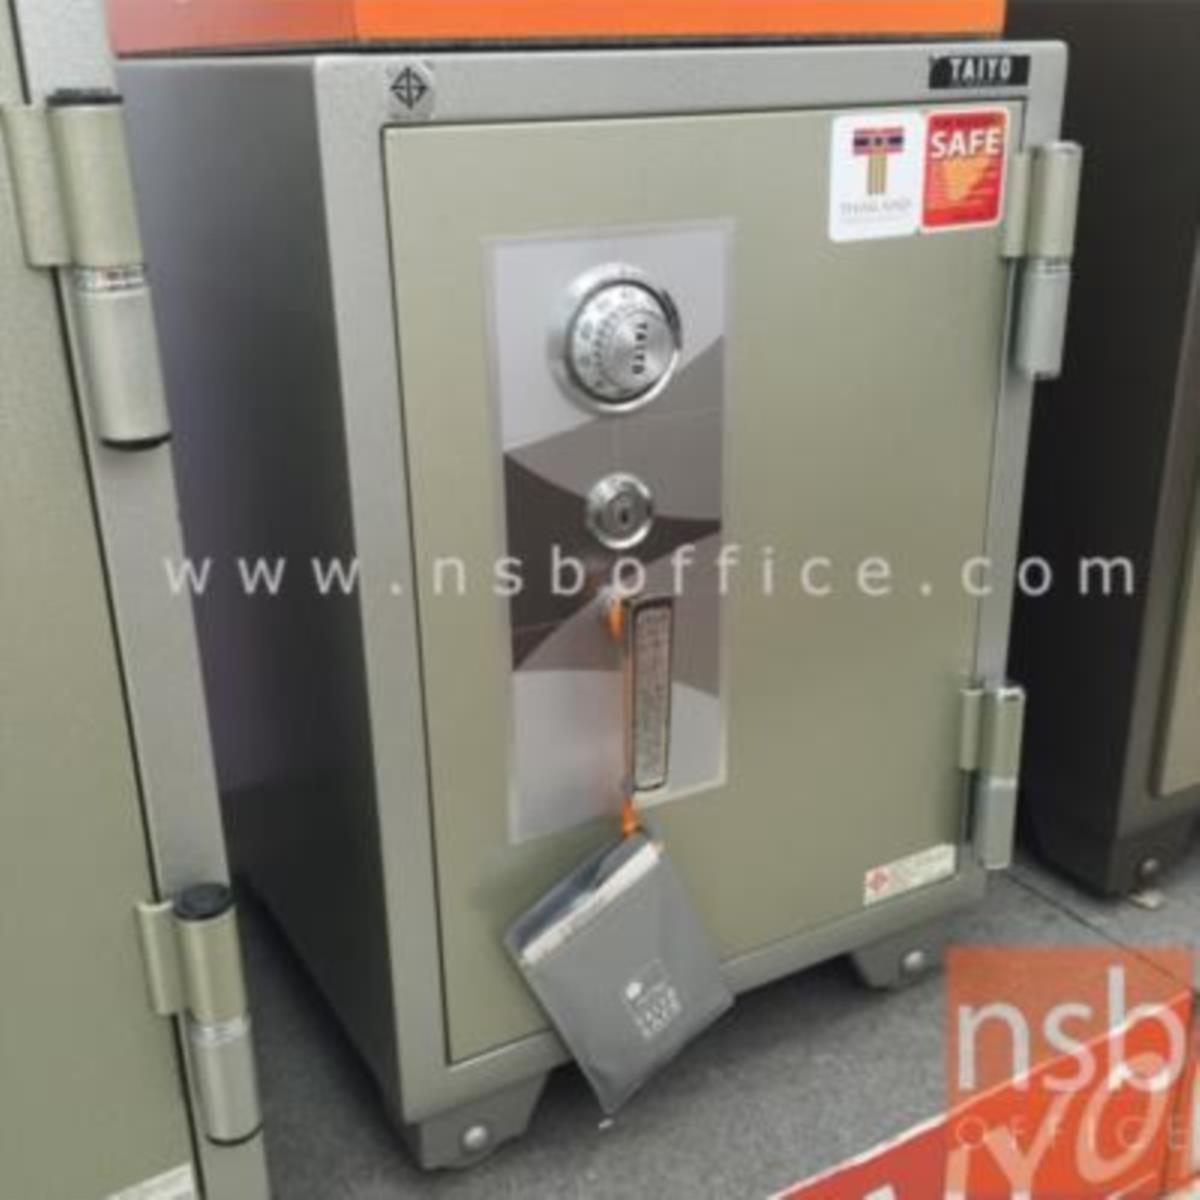 ตู้เซฟ TAIYO 100 กก. 1 กุญแจ 1 รหัส TS 670 K1C มอก.   เจาะช่องบริจาก